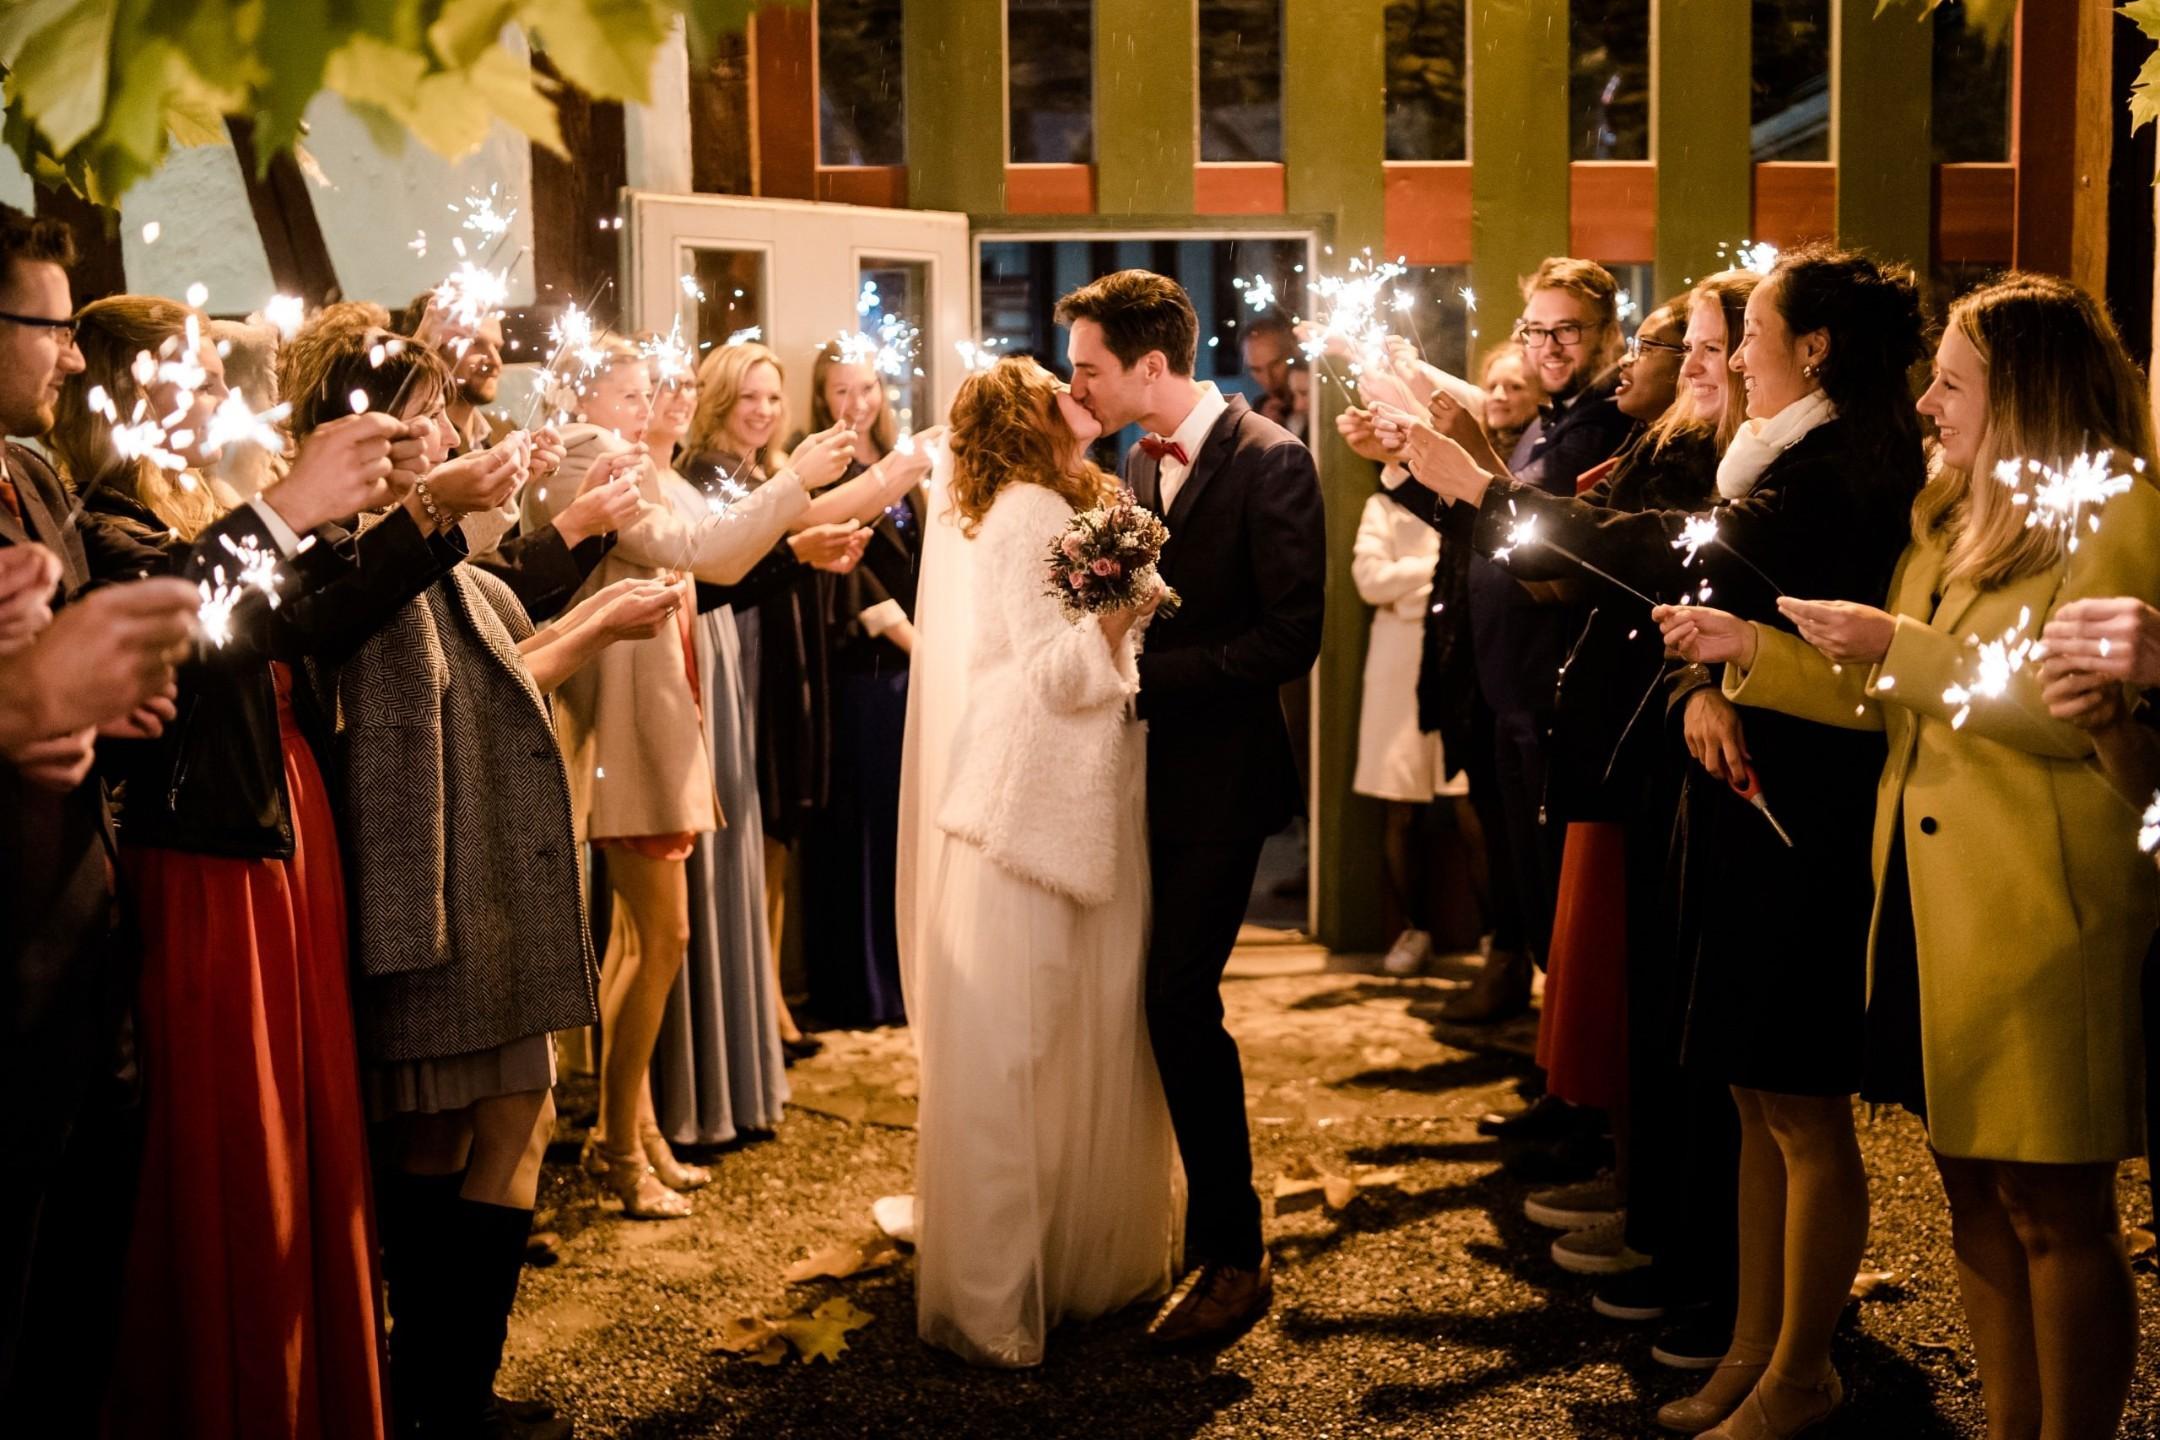 Aida + Tim | Hochzeitsfotografen am Bodensee Birnauer Oberhof, Bodensee